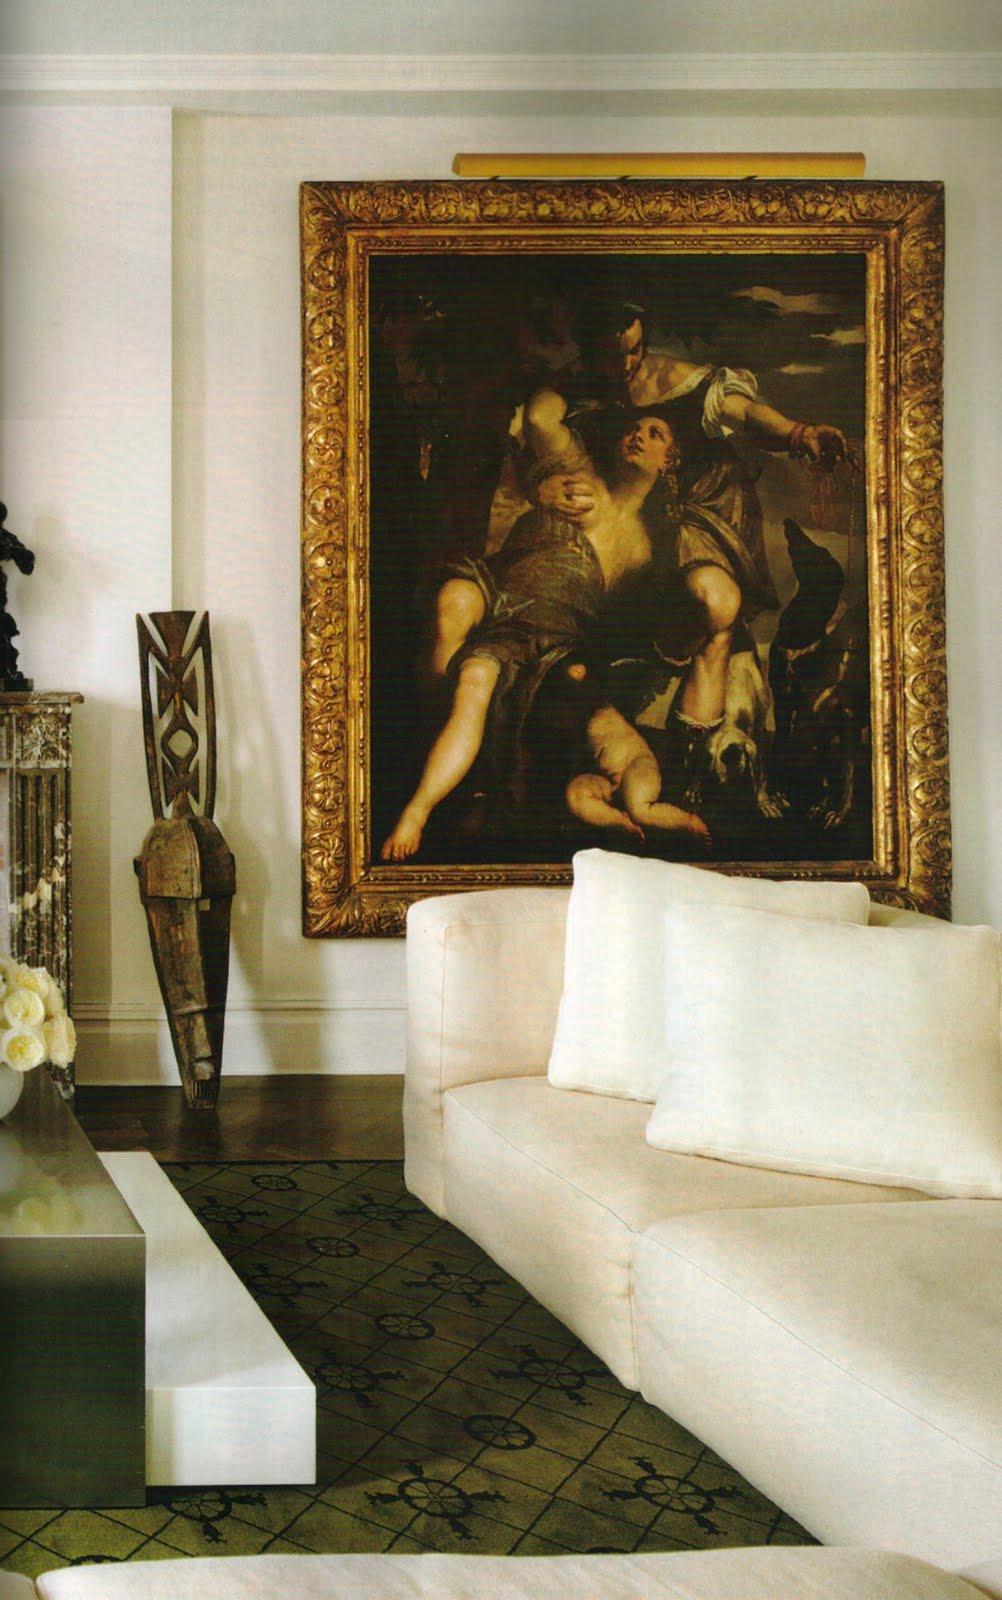 Us Interior Designs Jacques Grange: US Interior Designs: DESIGN ON FIFTH AVENUE